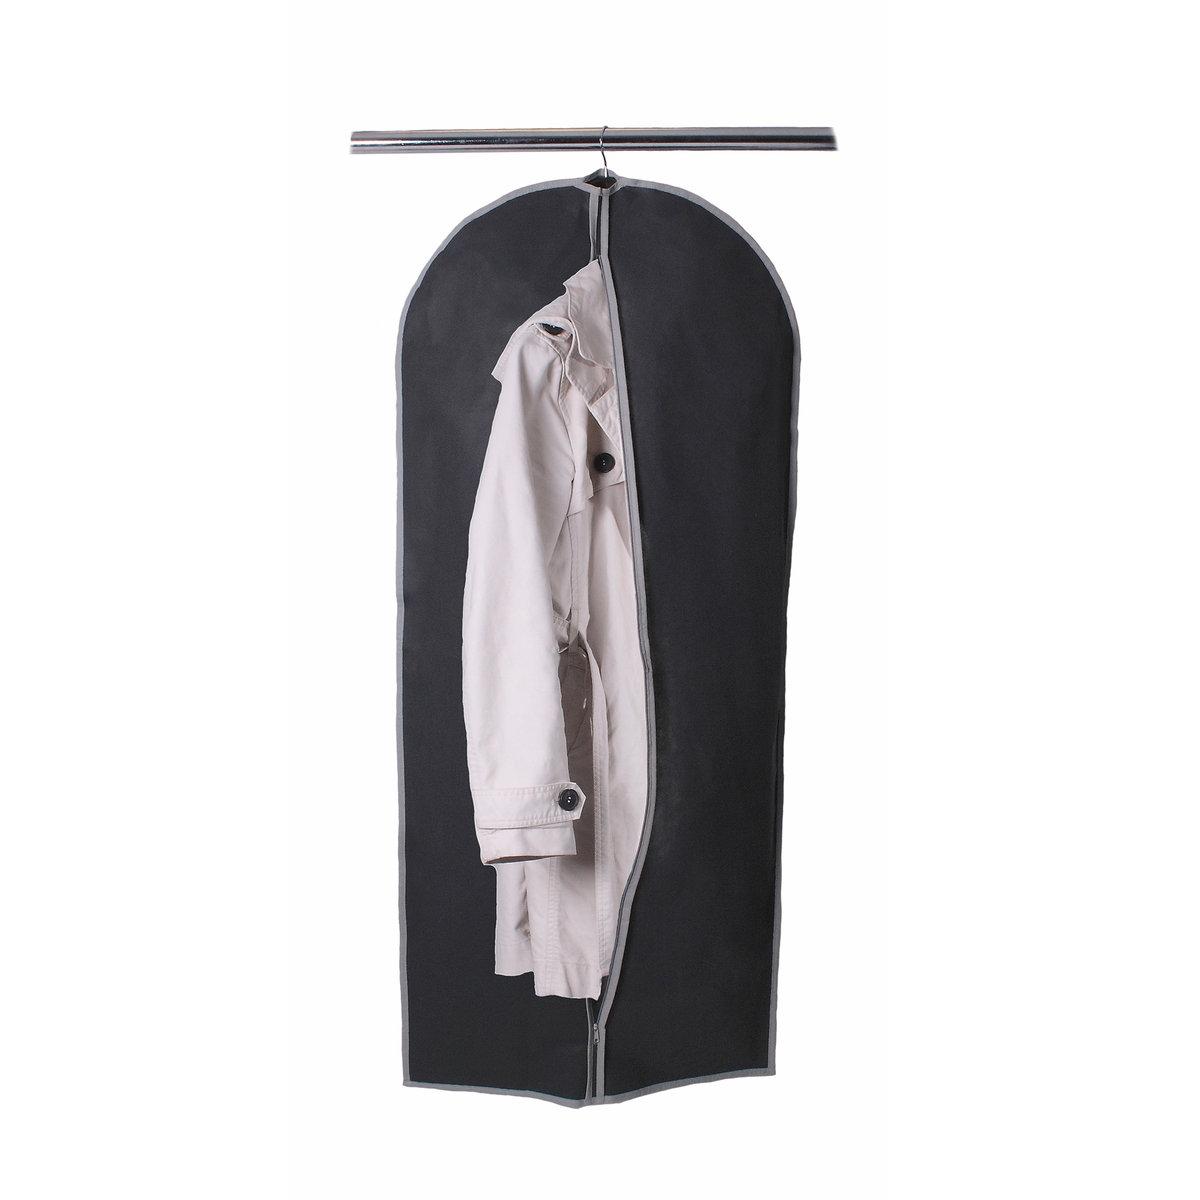 2 чехла для одежды из нетканого материалаХарактеристики 2 защитных чехлов для одежды:выполнены из нетканого материала полипропилена плотностью 80 г/м?.Застежка на молнию.Цвет: темно-серый с контрастной отделкой кантом светло-серого цвета.Размер 2 защитных чехлов для одежды:В. 135 x Д. 60 см.<br><br>Цвет: темно-серый